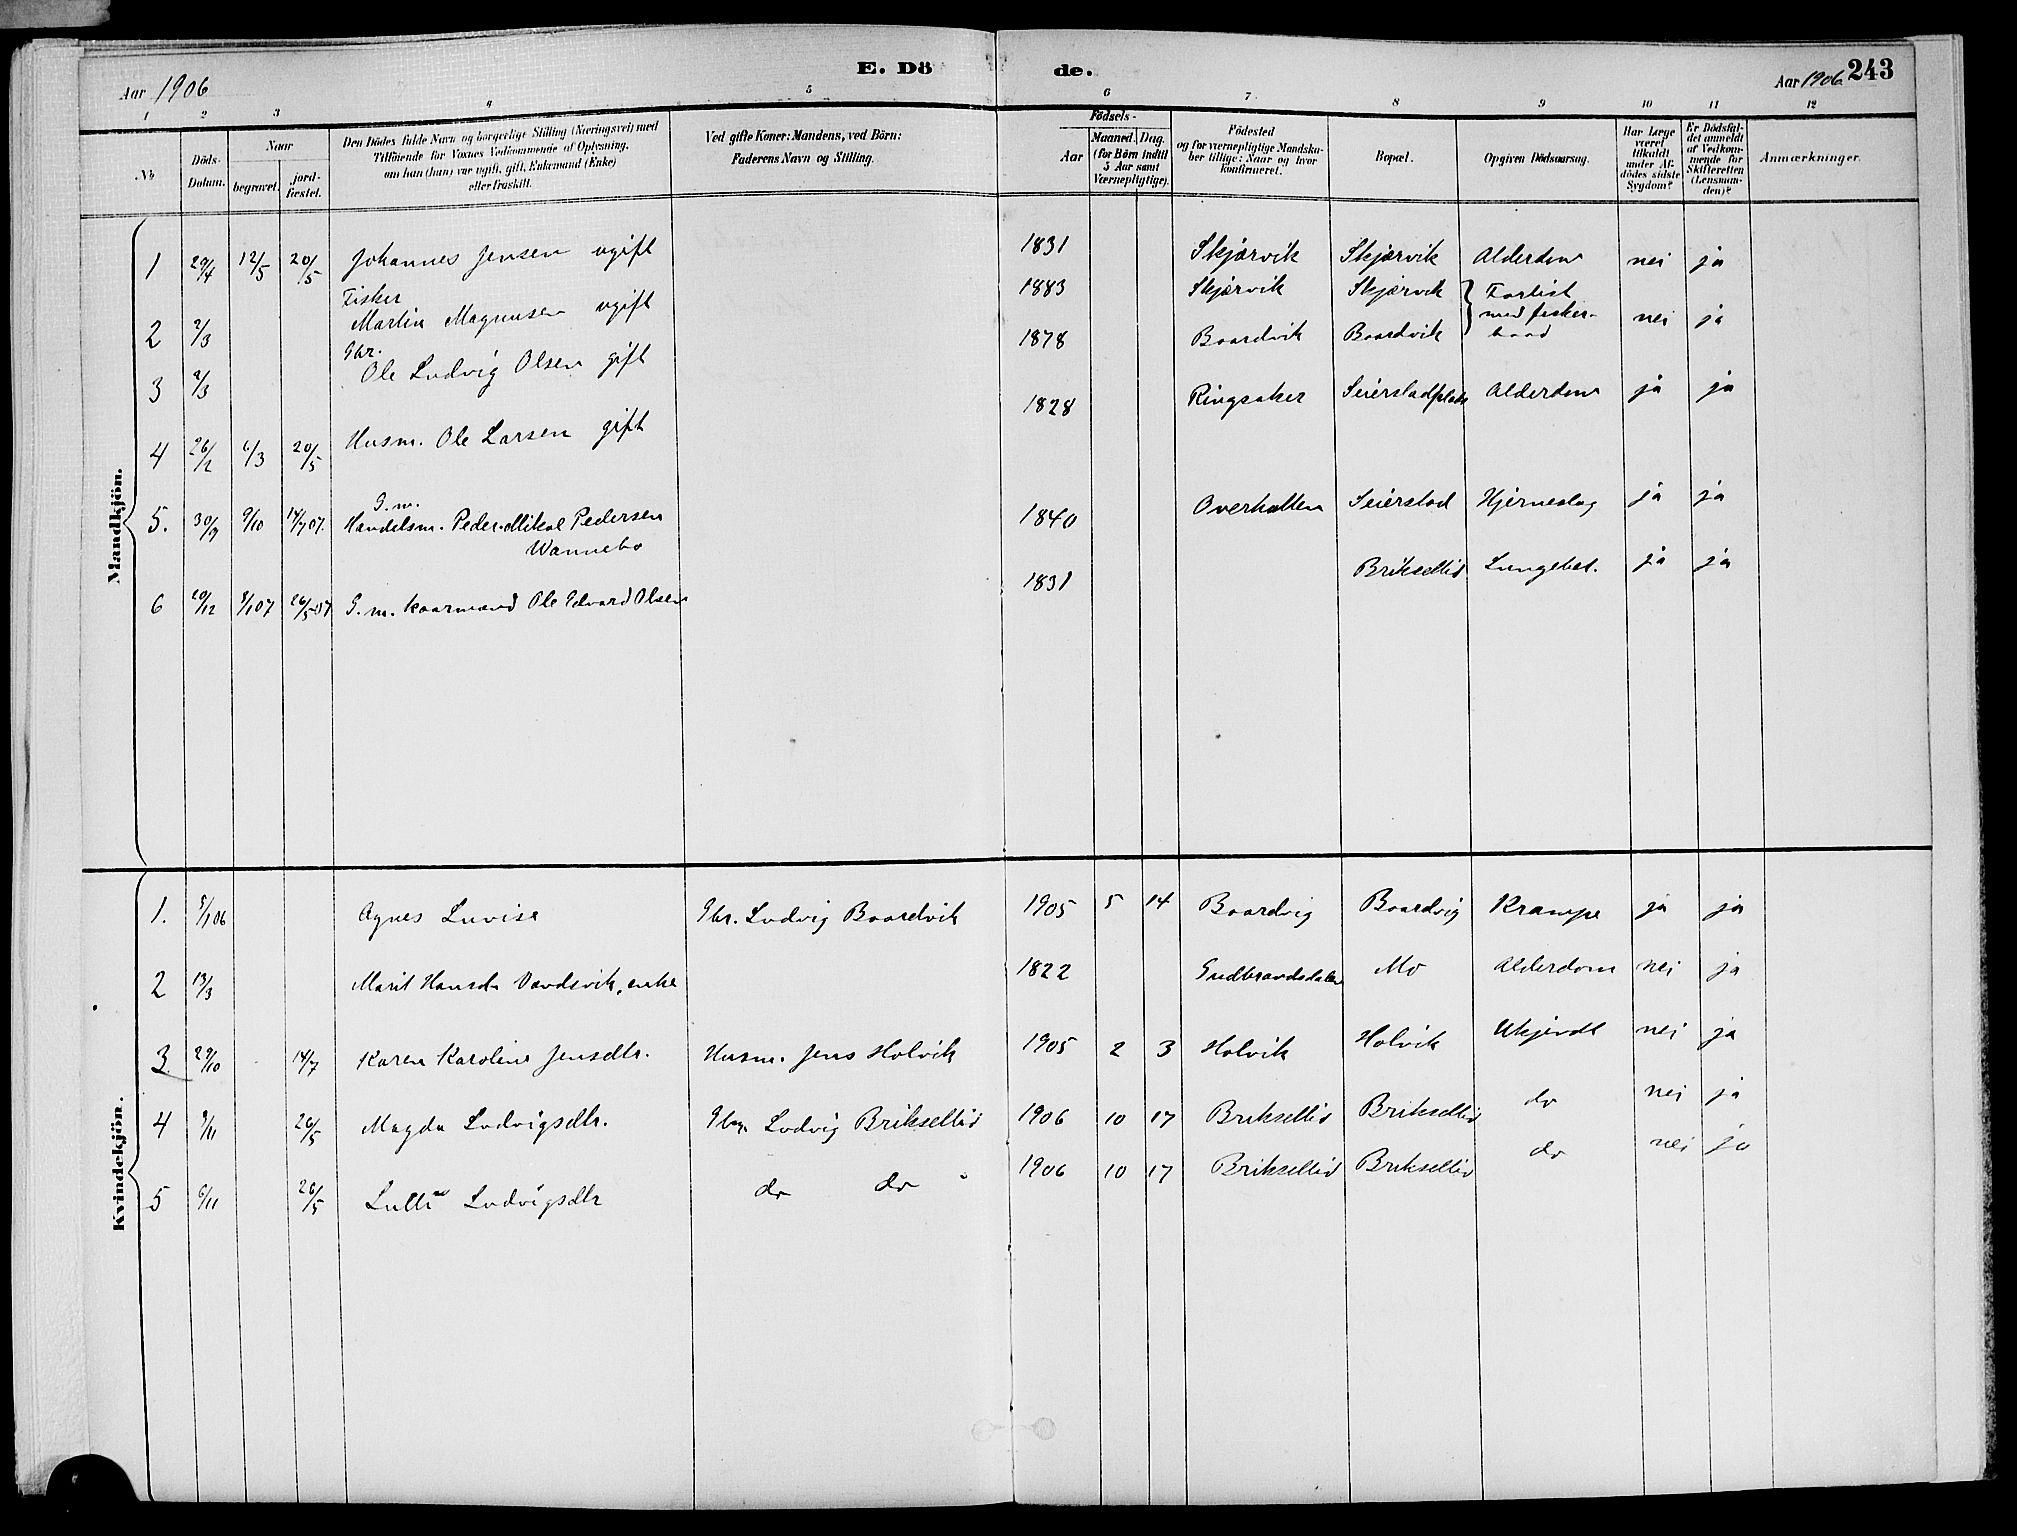 SAT, Ministerialprotokoller, klokkerbøker og fødselsregistre - Nord-Trøndelag, 773/L0617: Ministerialbok nr. 773A08, 1887-1910, s. 243